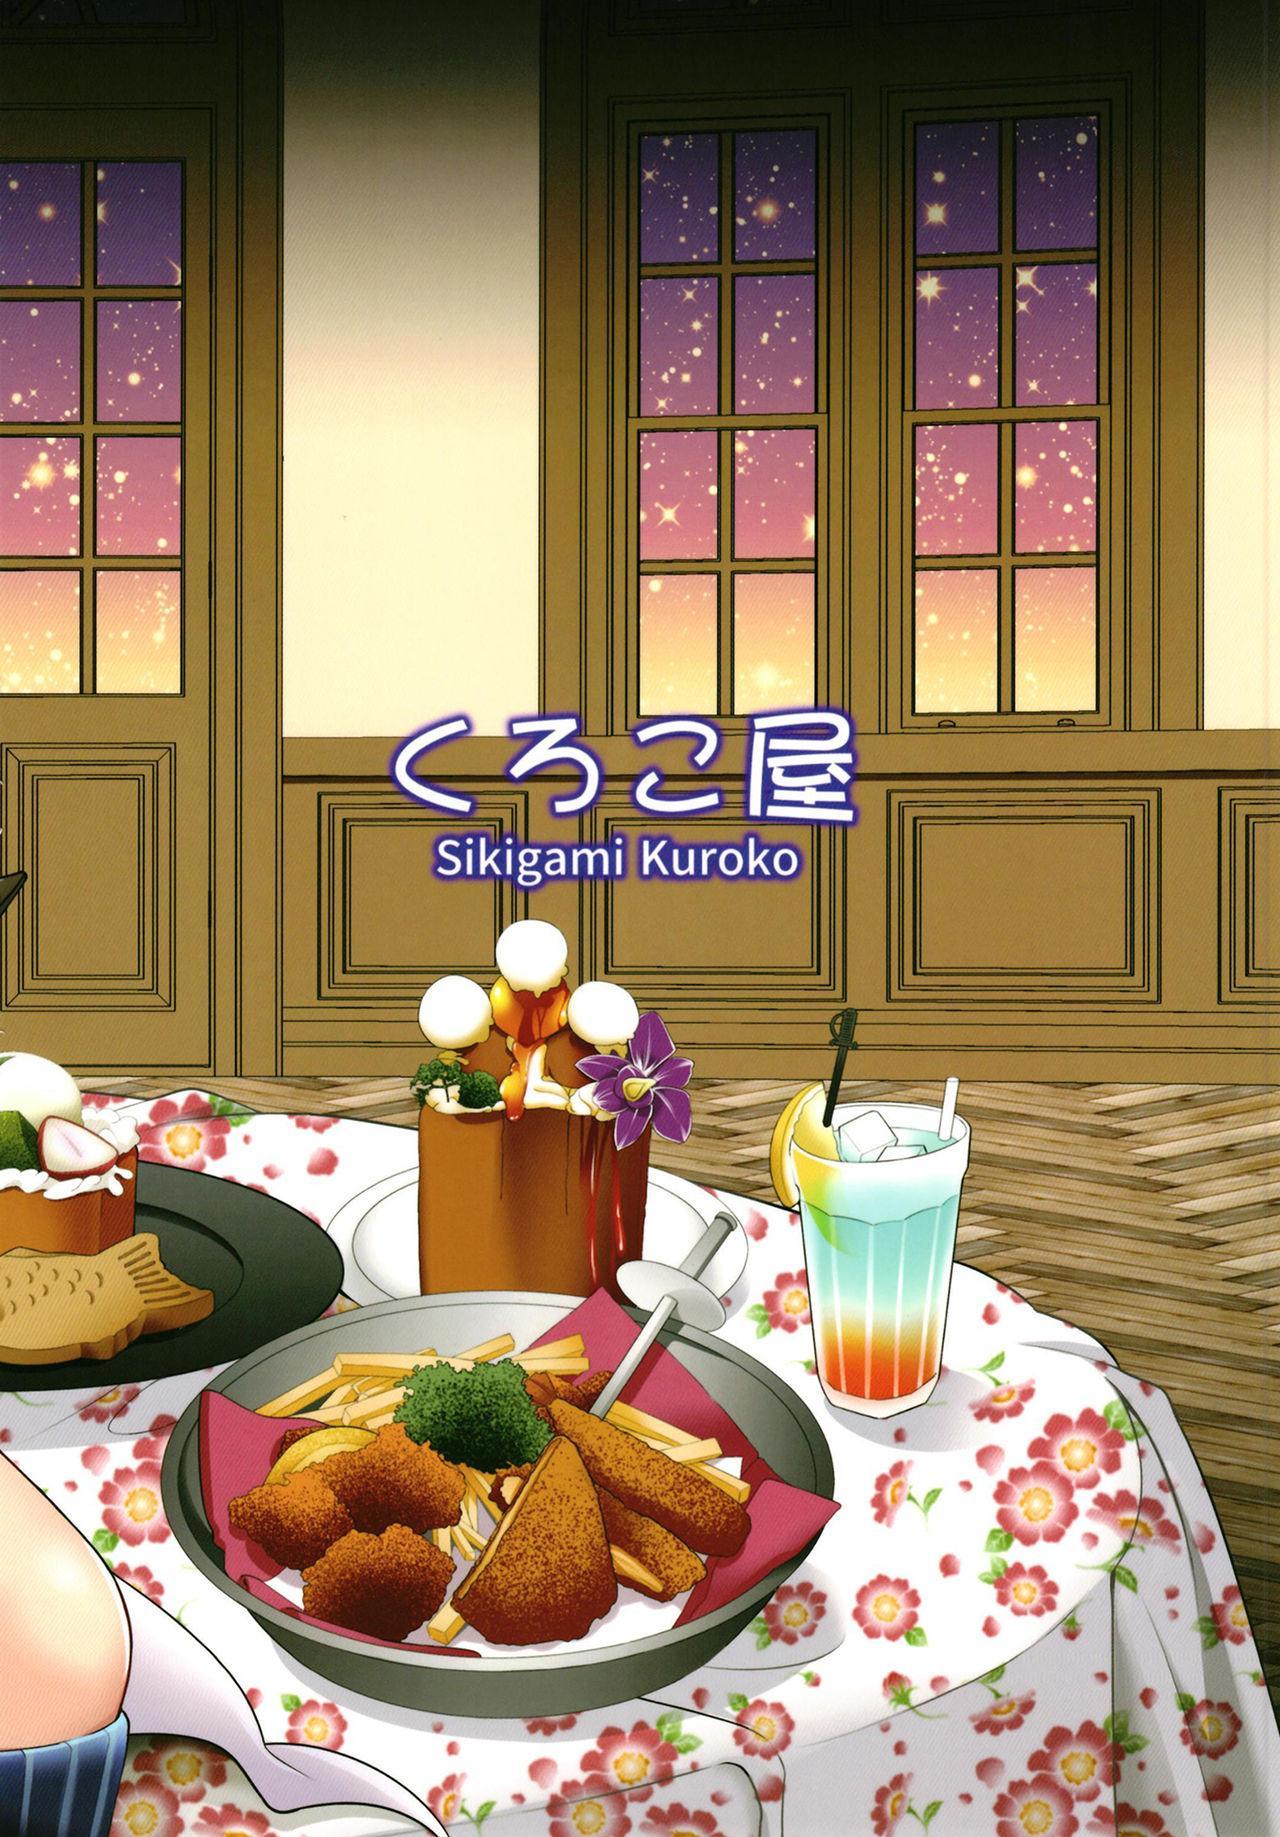 [Kurokoya (Shikigami Kuroko)] Ee~~ Hameteru Ma wa Tabehoudai desu kaa!? (Princess Connect! Re:Dive) [Digital] 25